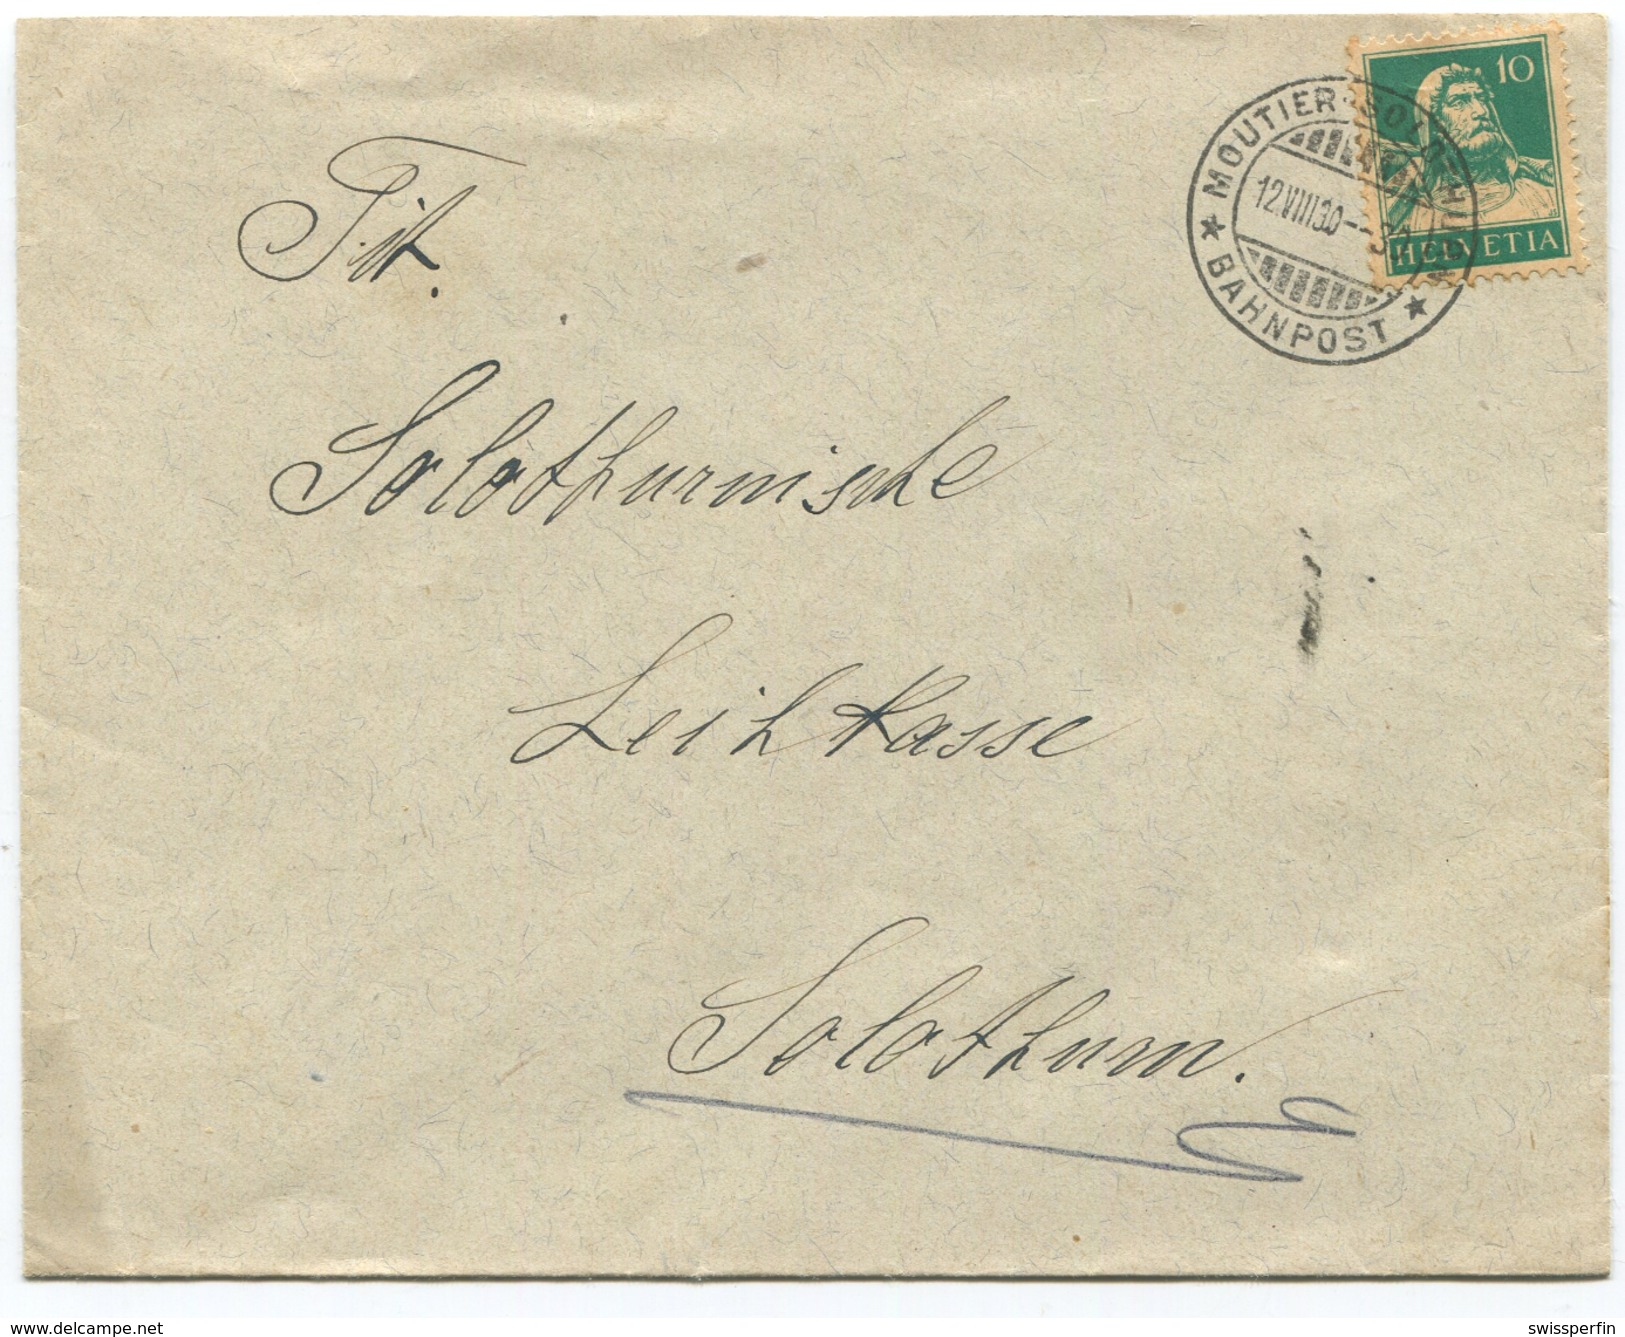 1594 - MOUTIER-SOLOTHURN BAHNPOST Stempel Auf Brief Nach Solothurn - Bahnwesen